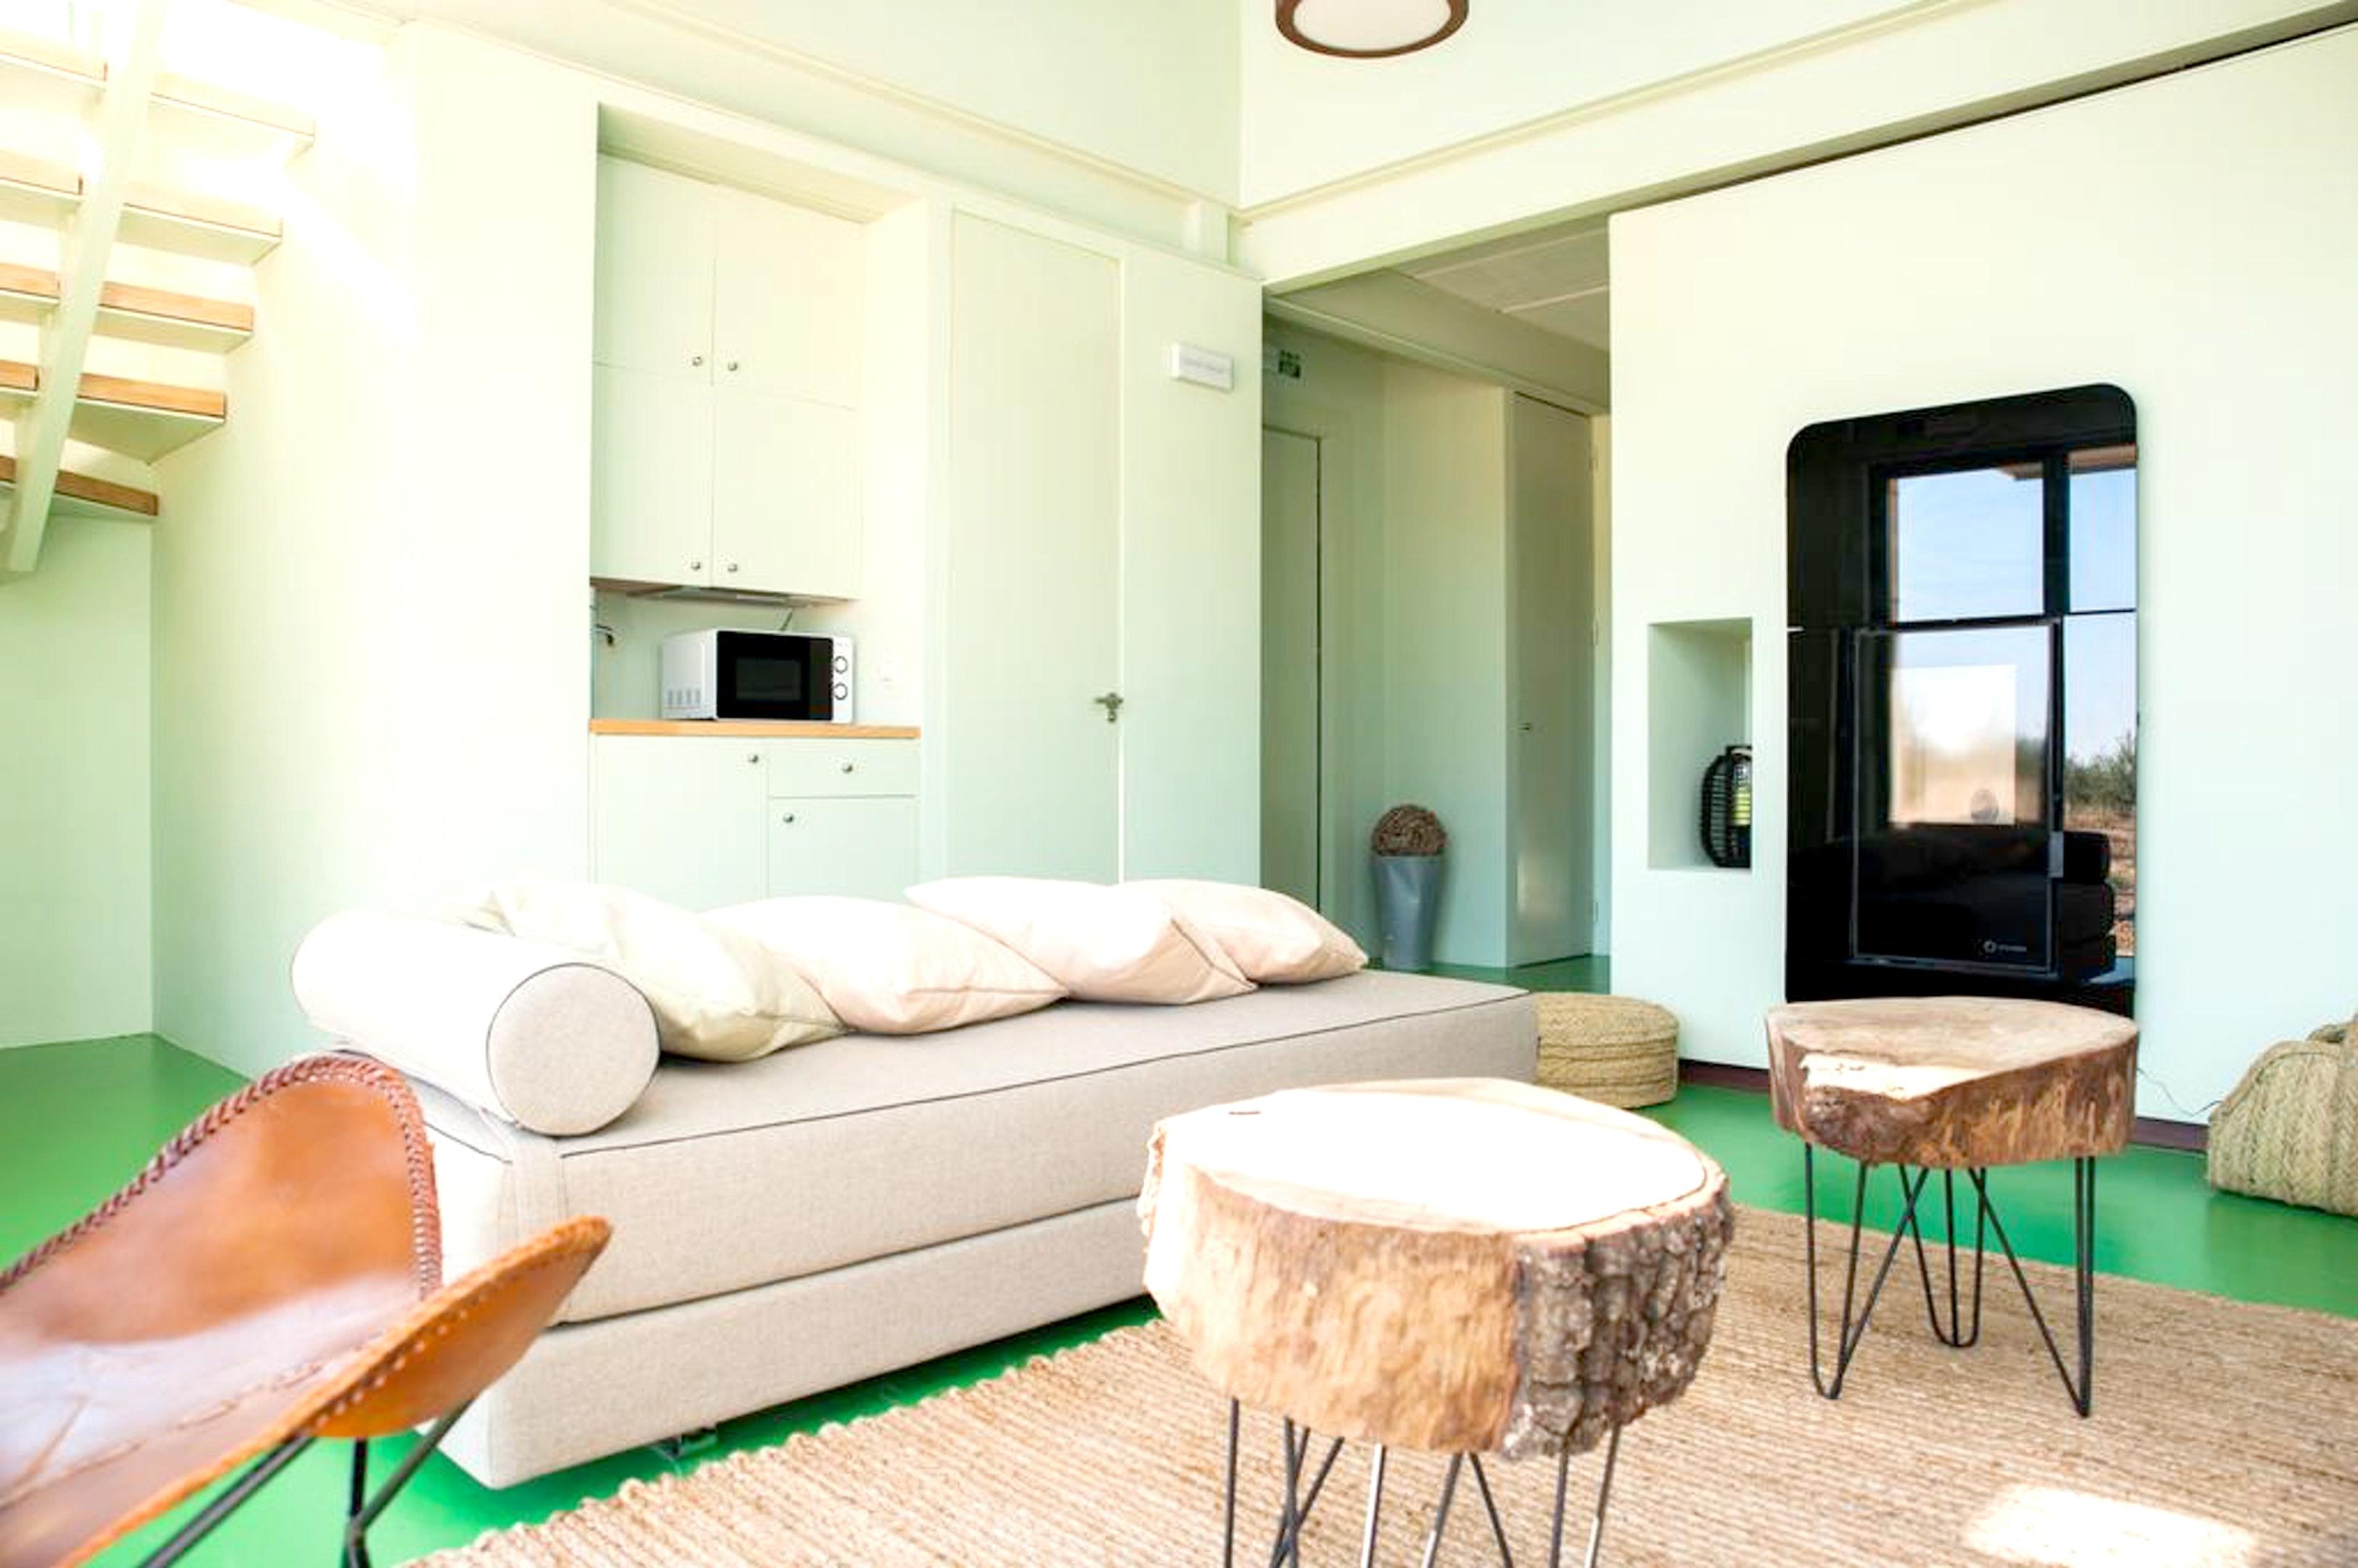 Ferienhaus Haus mit einem Schlafzimmer in Argamasilla de Alba mit Pool, eingezäuntem Garten und W-LAN (2541147), Argamasilla de Alba, Ciudad Real, Kastilien-La Mancha, Spanien, Bild 9